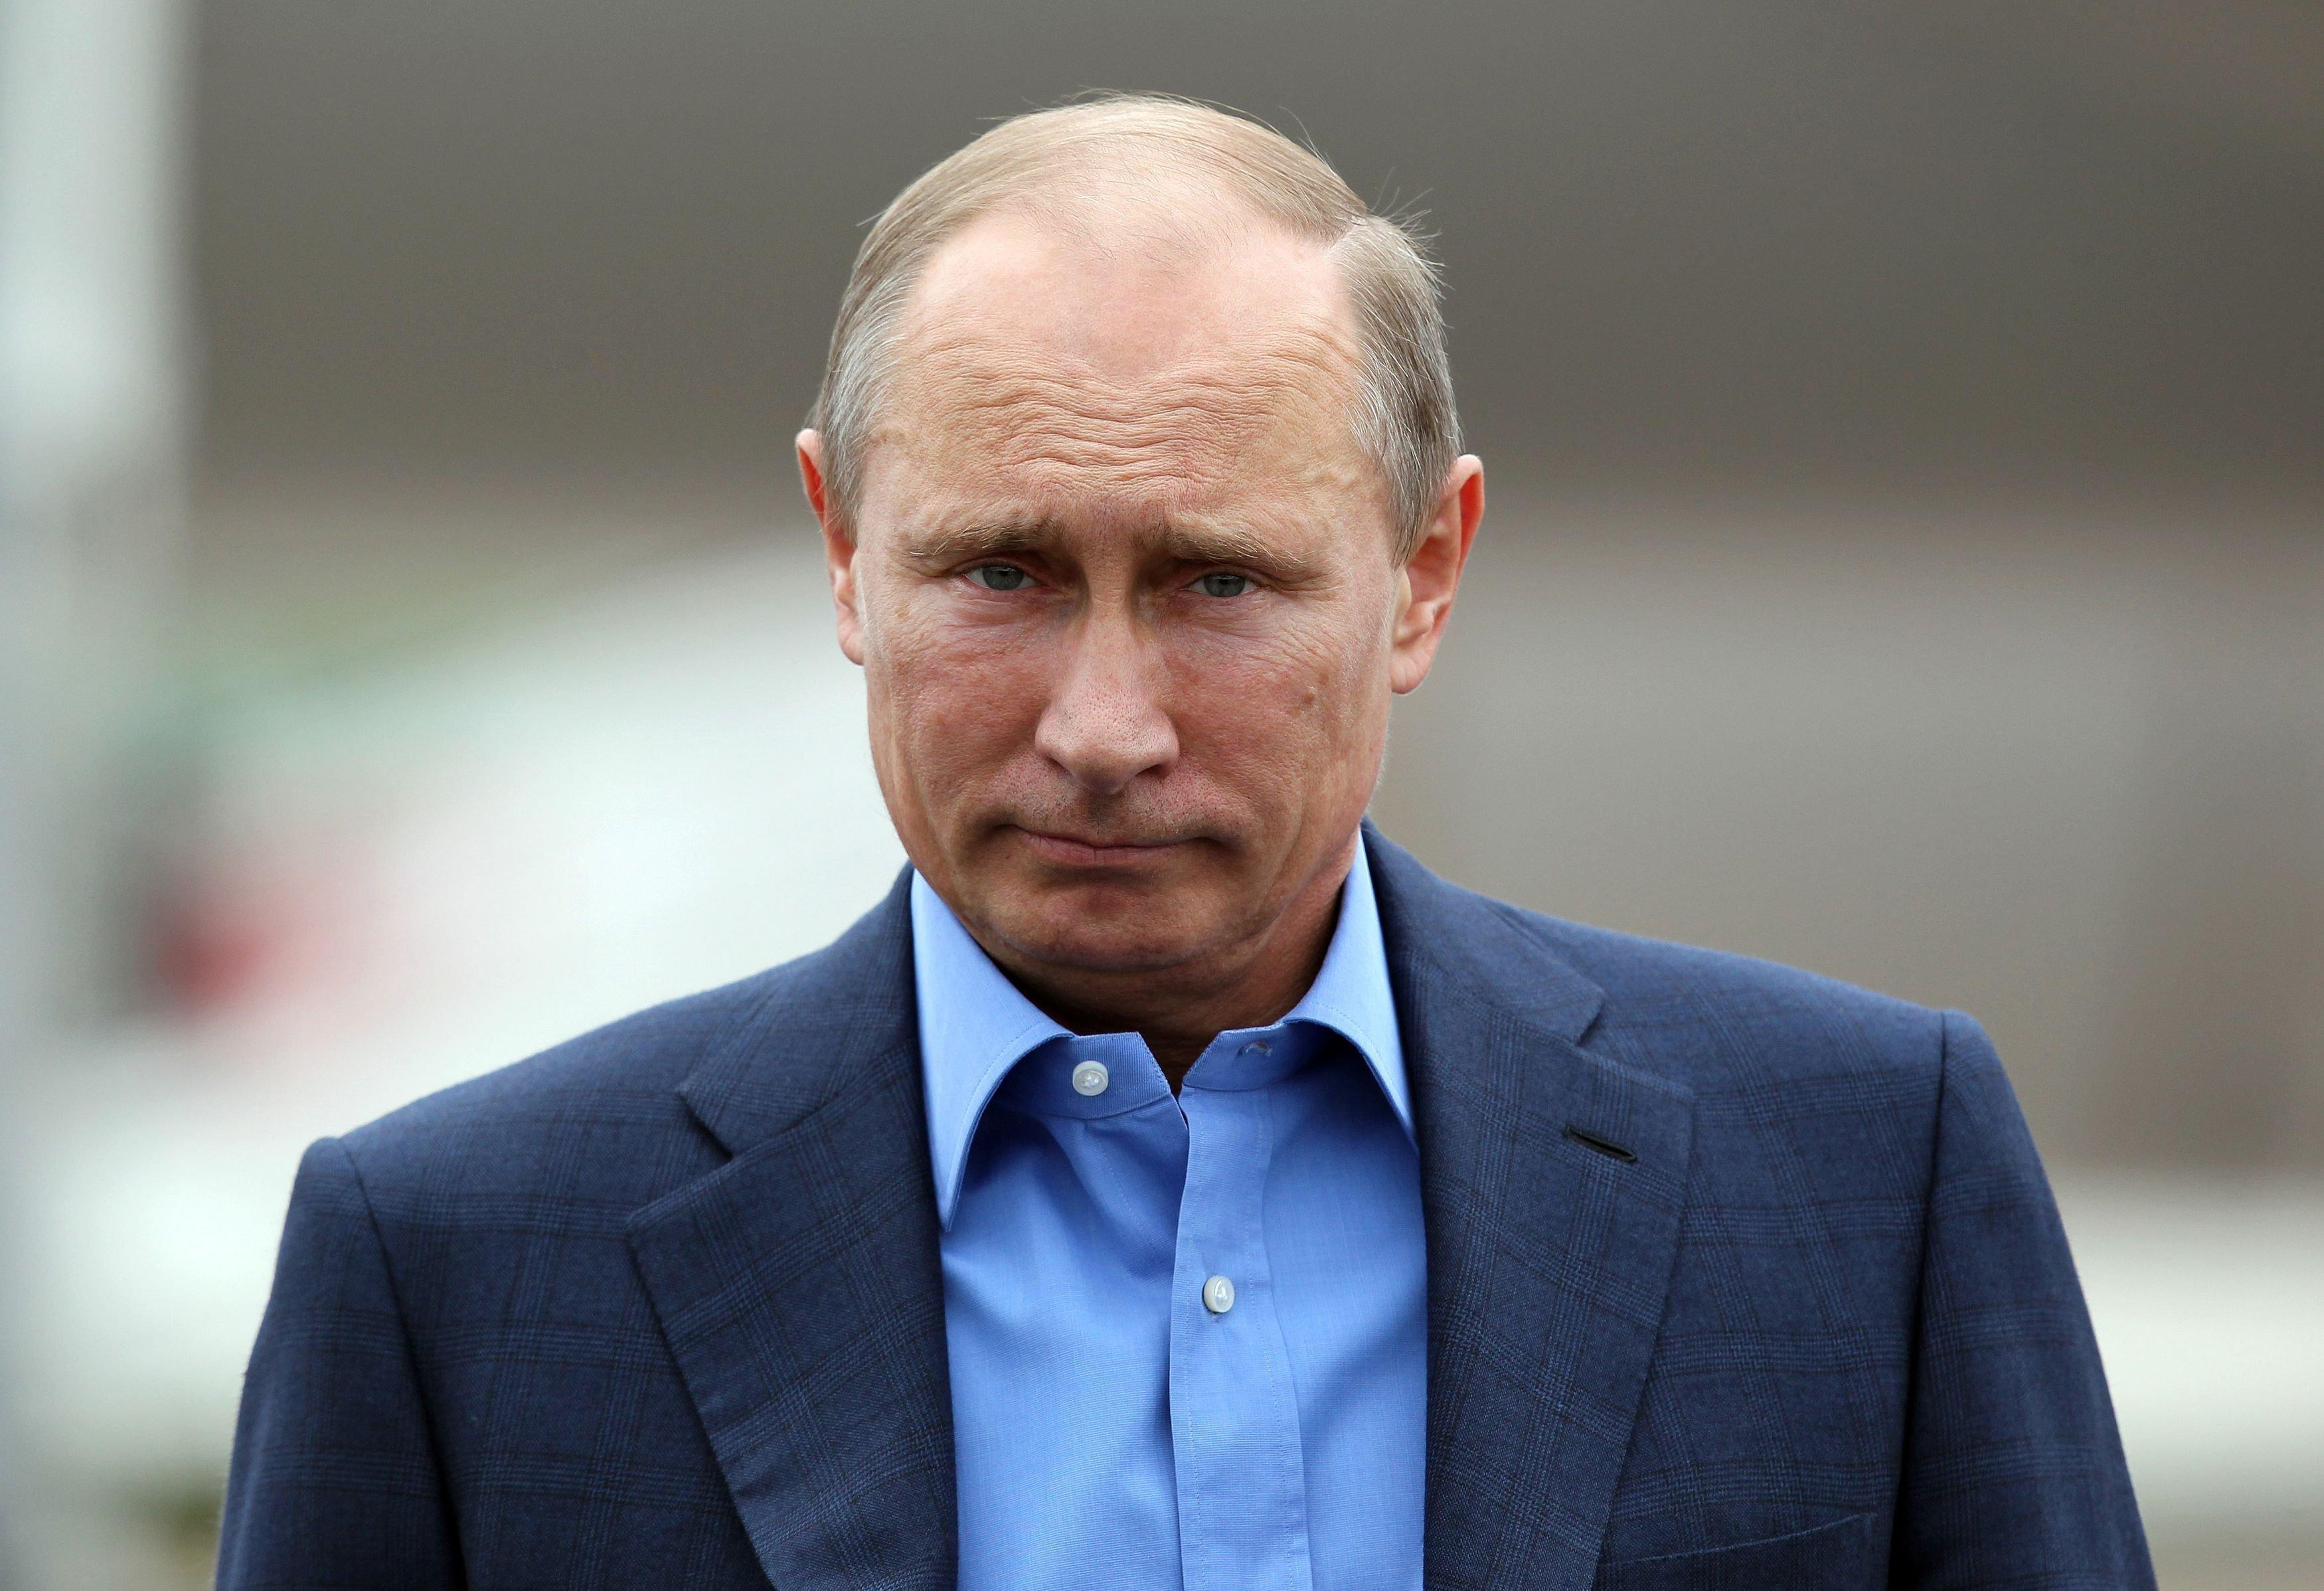 Μειωμένη κατά 9% η δημοτικότητα του Πούτιν μέσα σε μια εβδομάδα, εξαιτίας της αύξησης των συνταξιοδοτικών